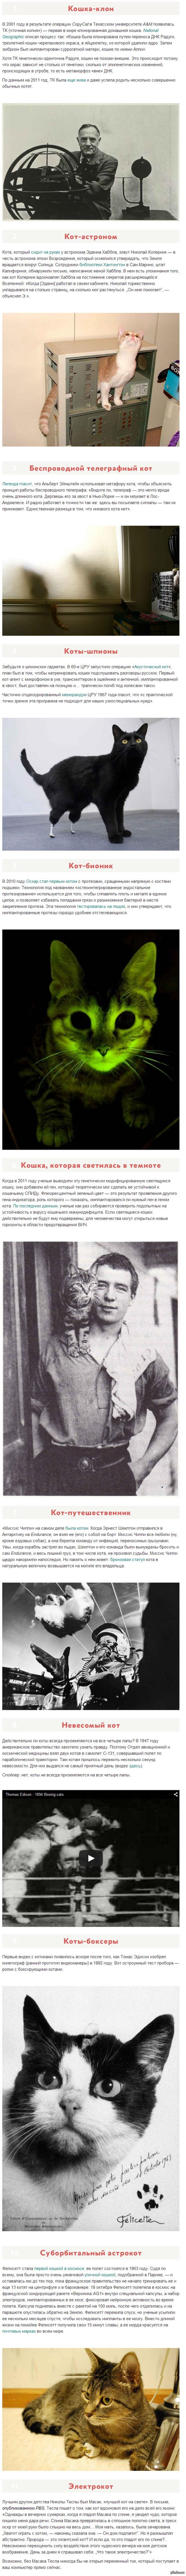 11 главных котов науки Светящийся кот, кот Николы Теслы, кошка-клон, не похожая на оригинал, и другие.